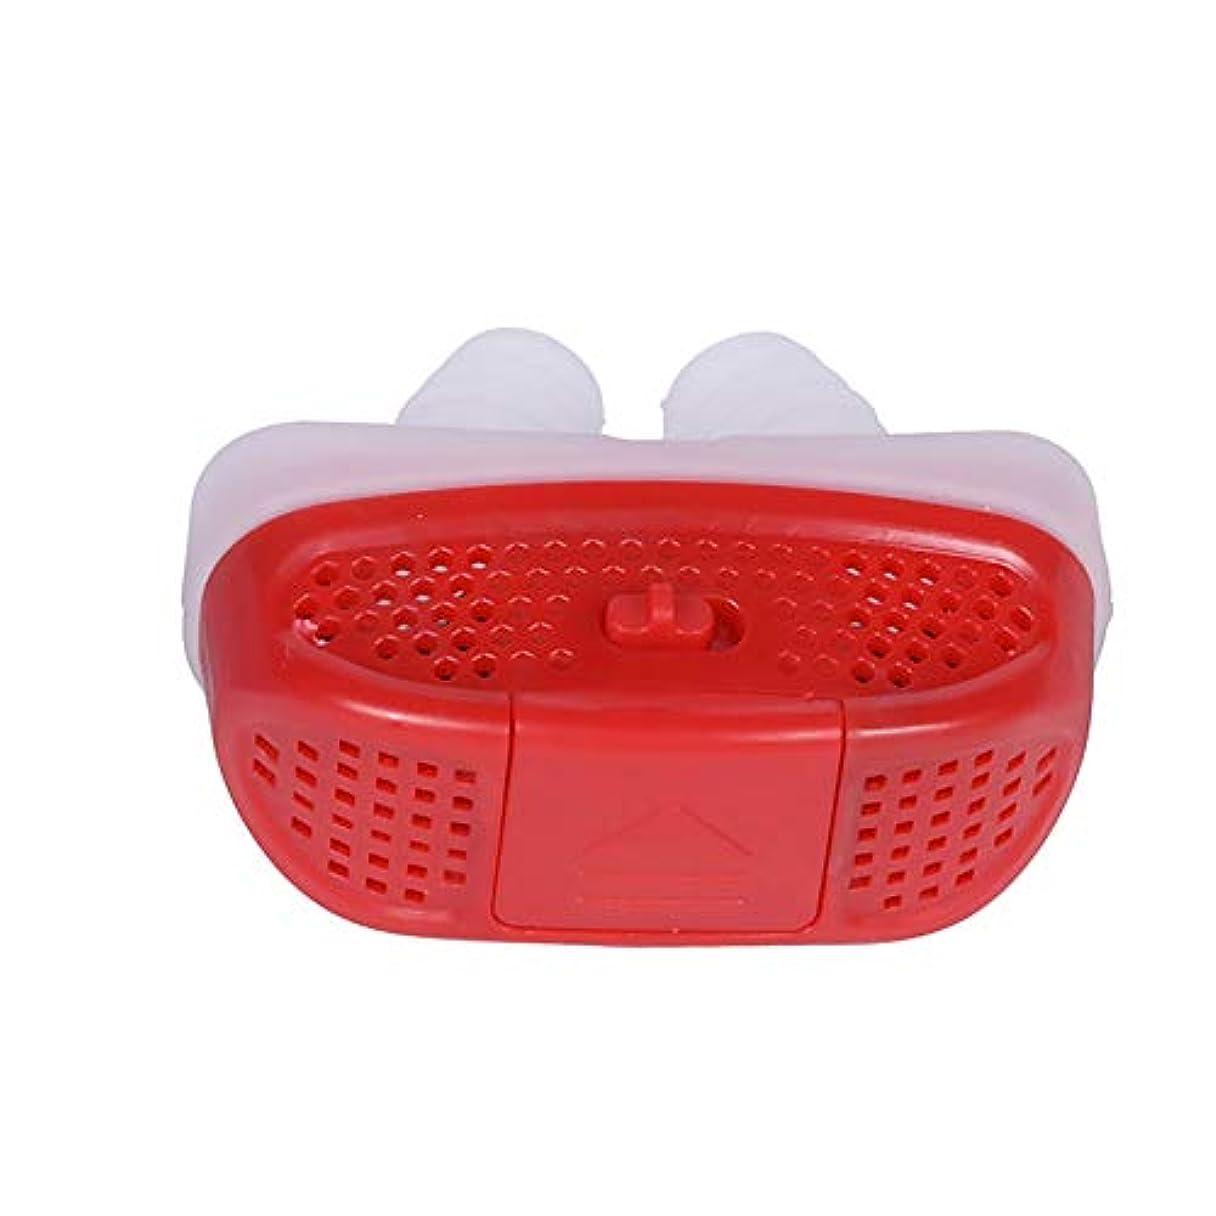 おなじみのの配列昇る電気 いびき止め 空気清浄器 鼻の通気孔 重い呼吸改善 いびき防止 鼻拡張器 バッテリーなし 睡眠器具 Cutelove